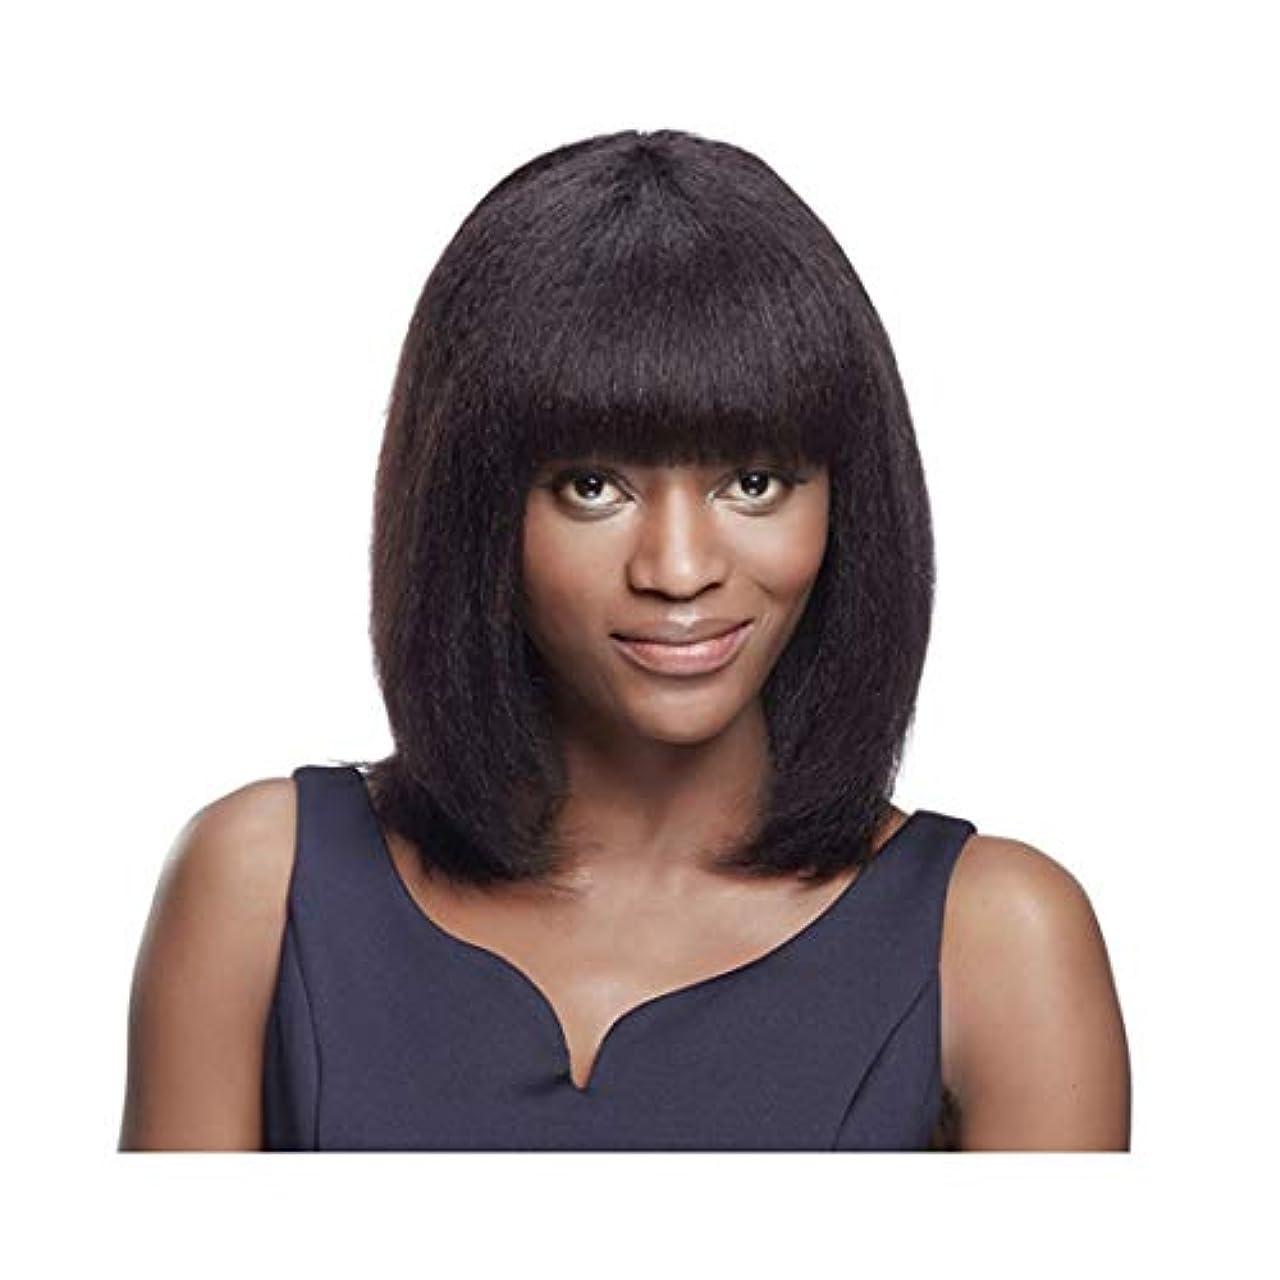 言い訳疾患見出しJOYS CLOTHING レディースショートヘアふわふわナチュラルウェーブヘッドと前髪ウィッグセット